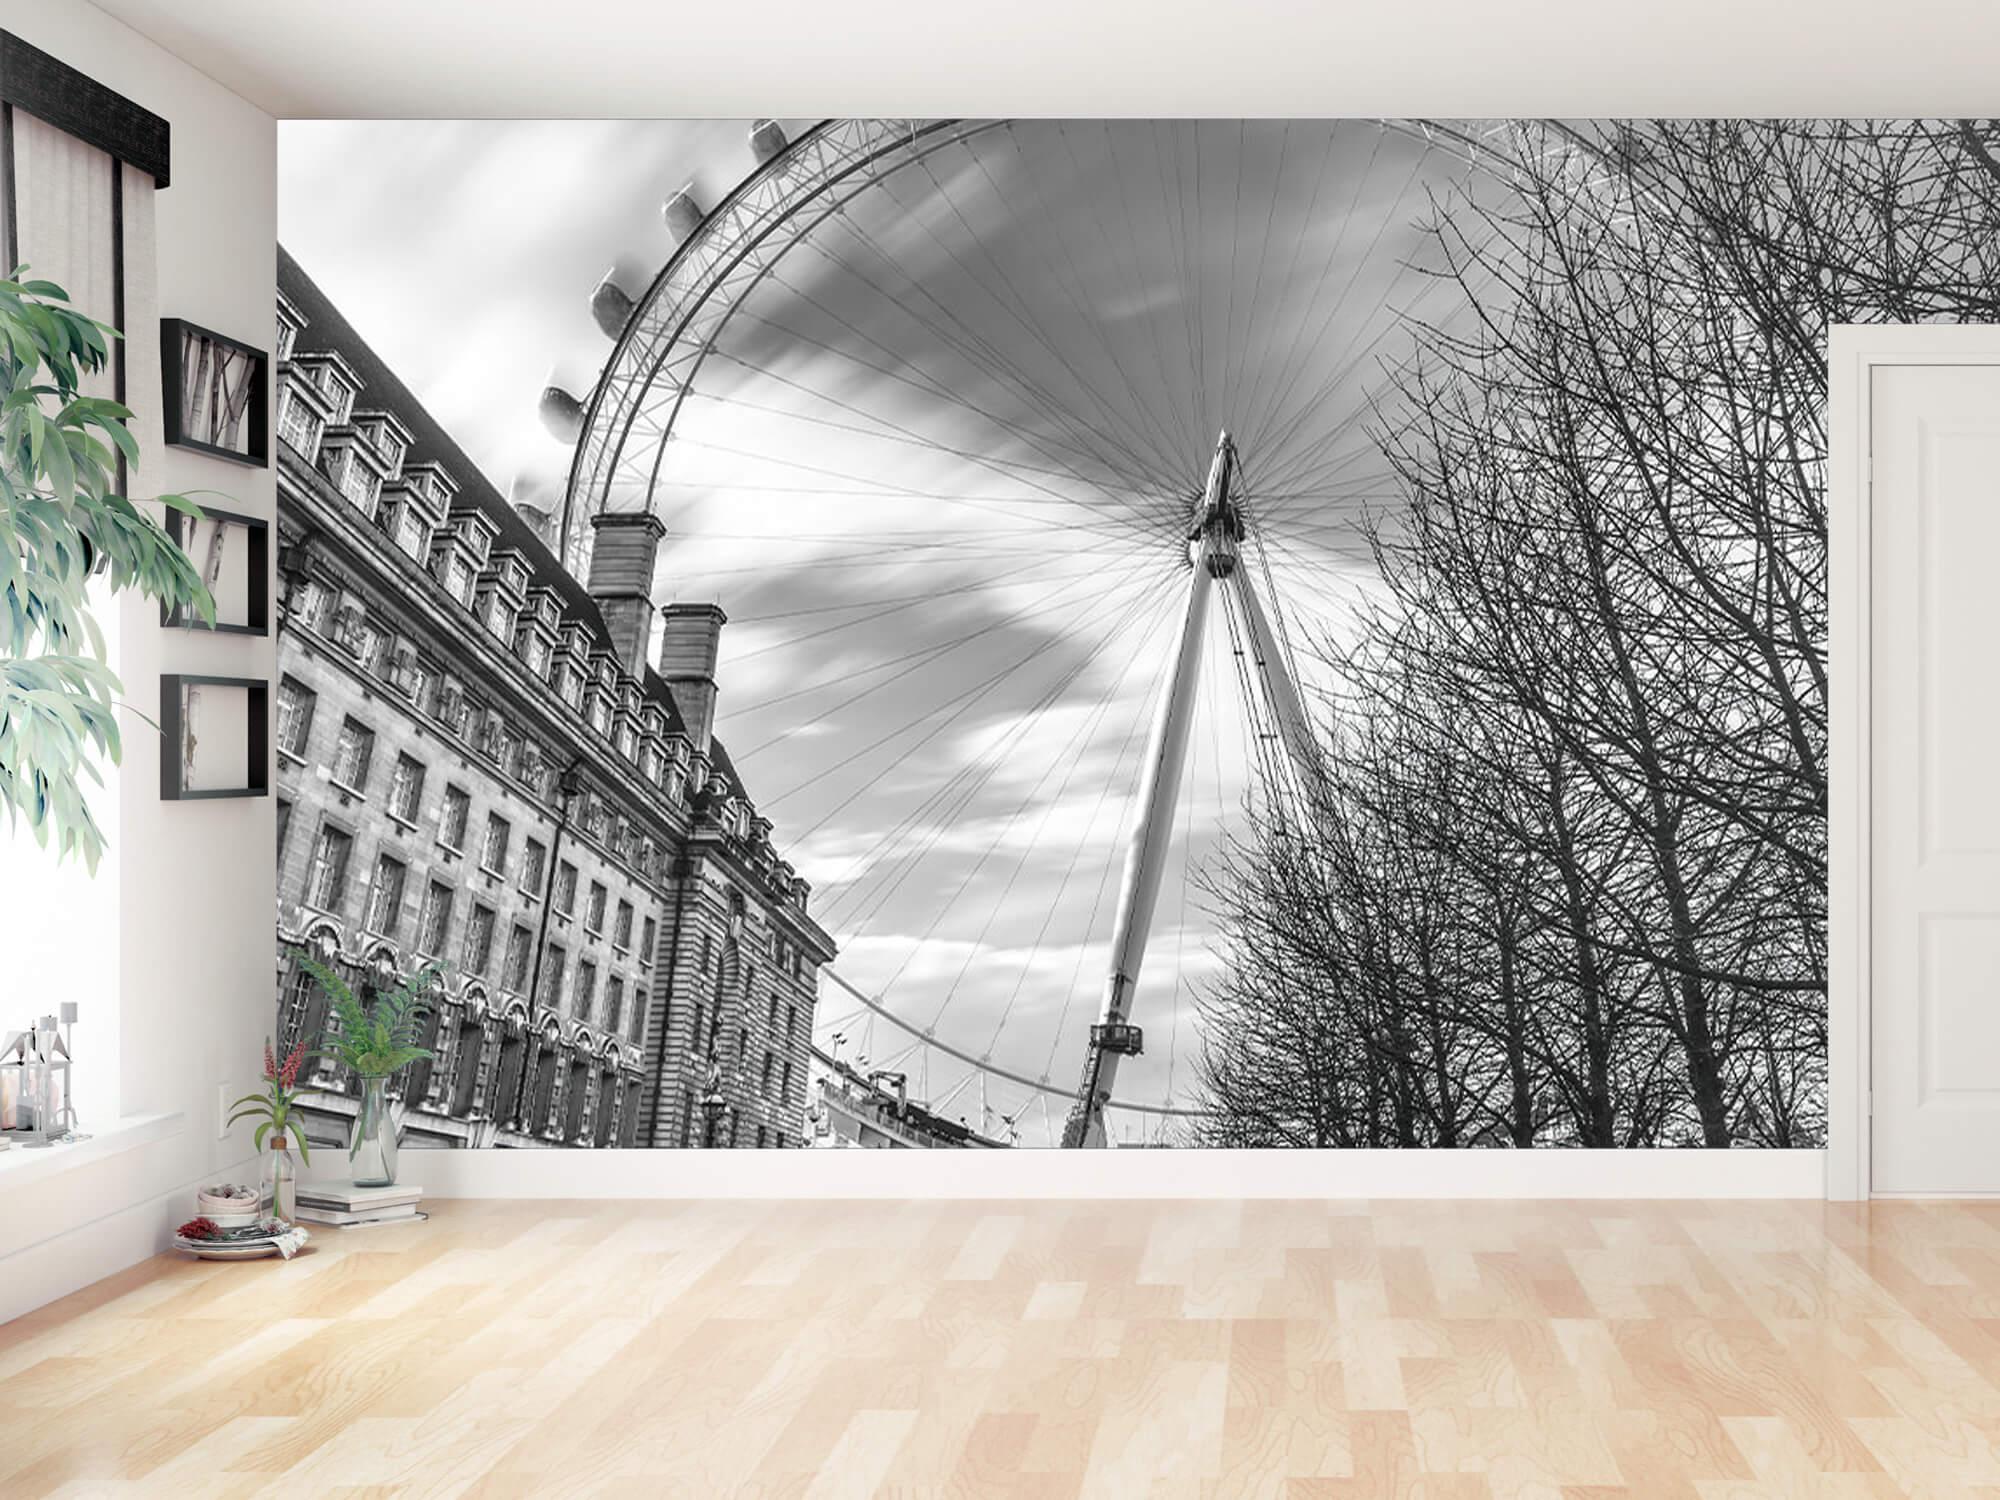 Ferris wheel in London 11